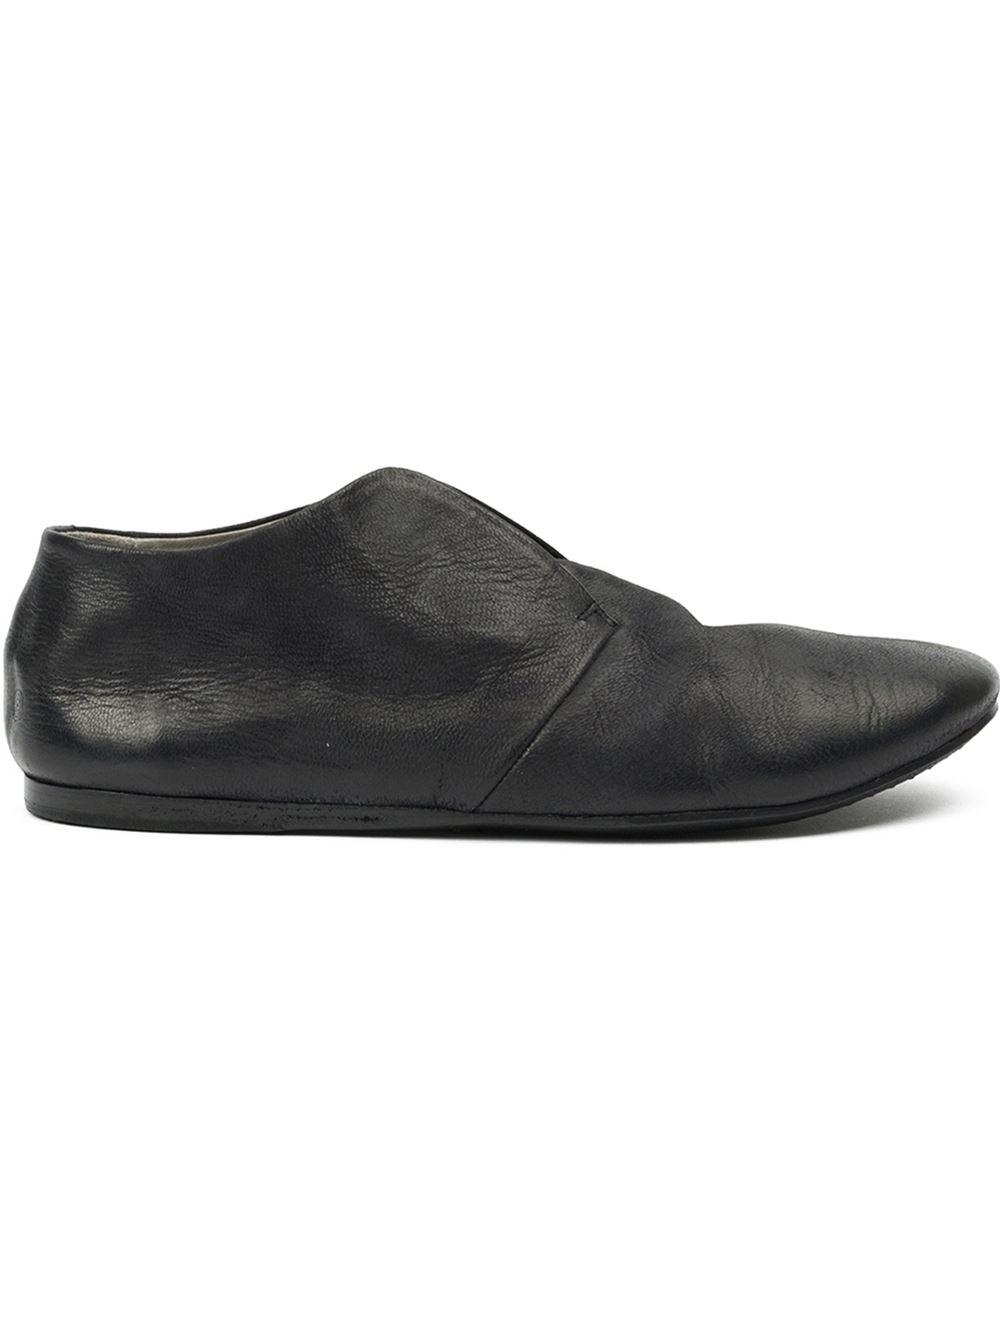 Lyst Mars 232 Ll Slip On Loafers In Black For Men